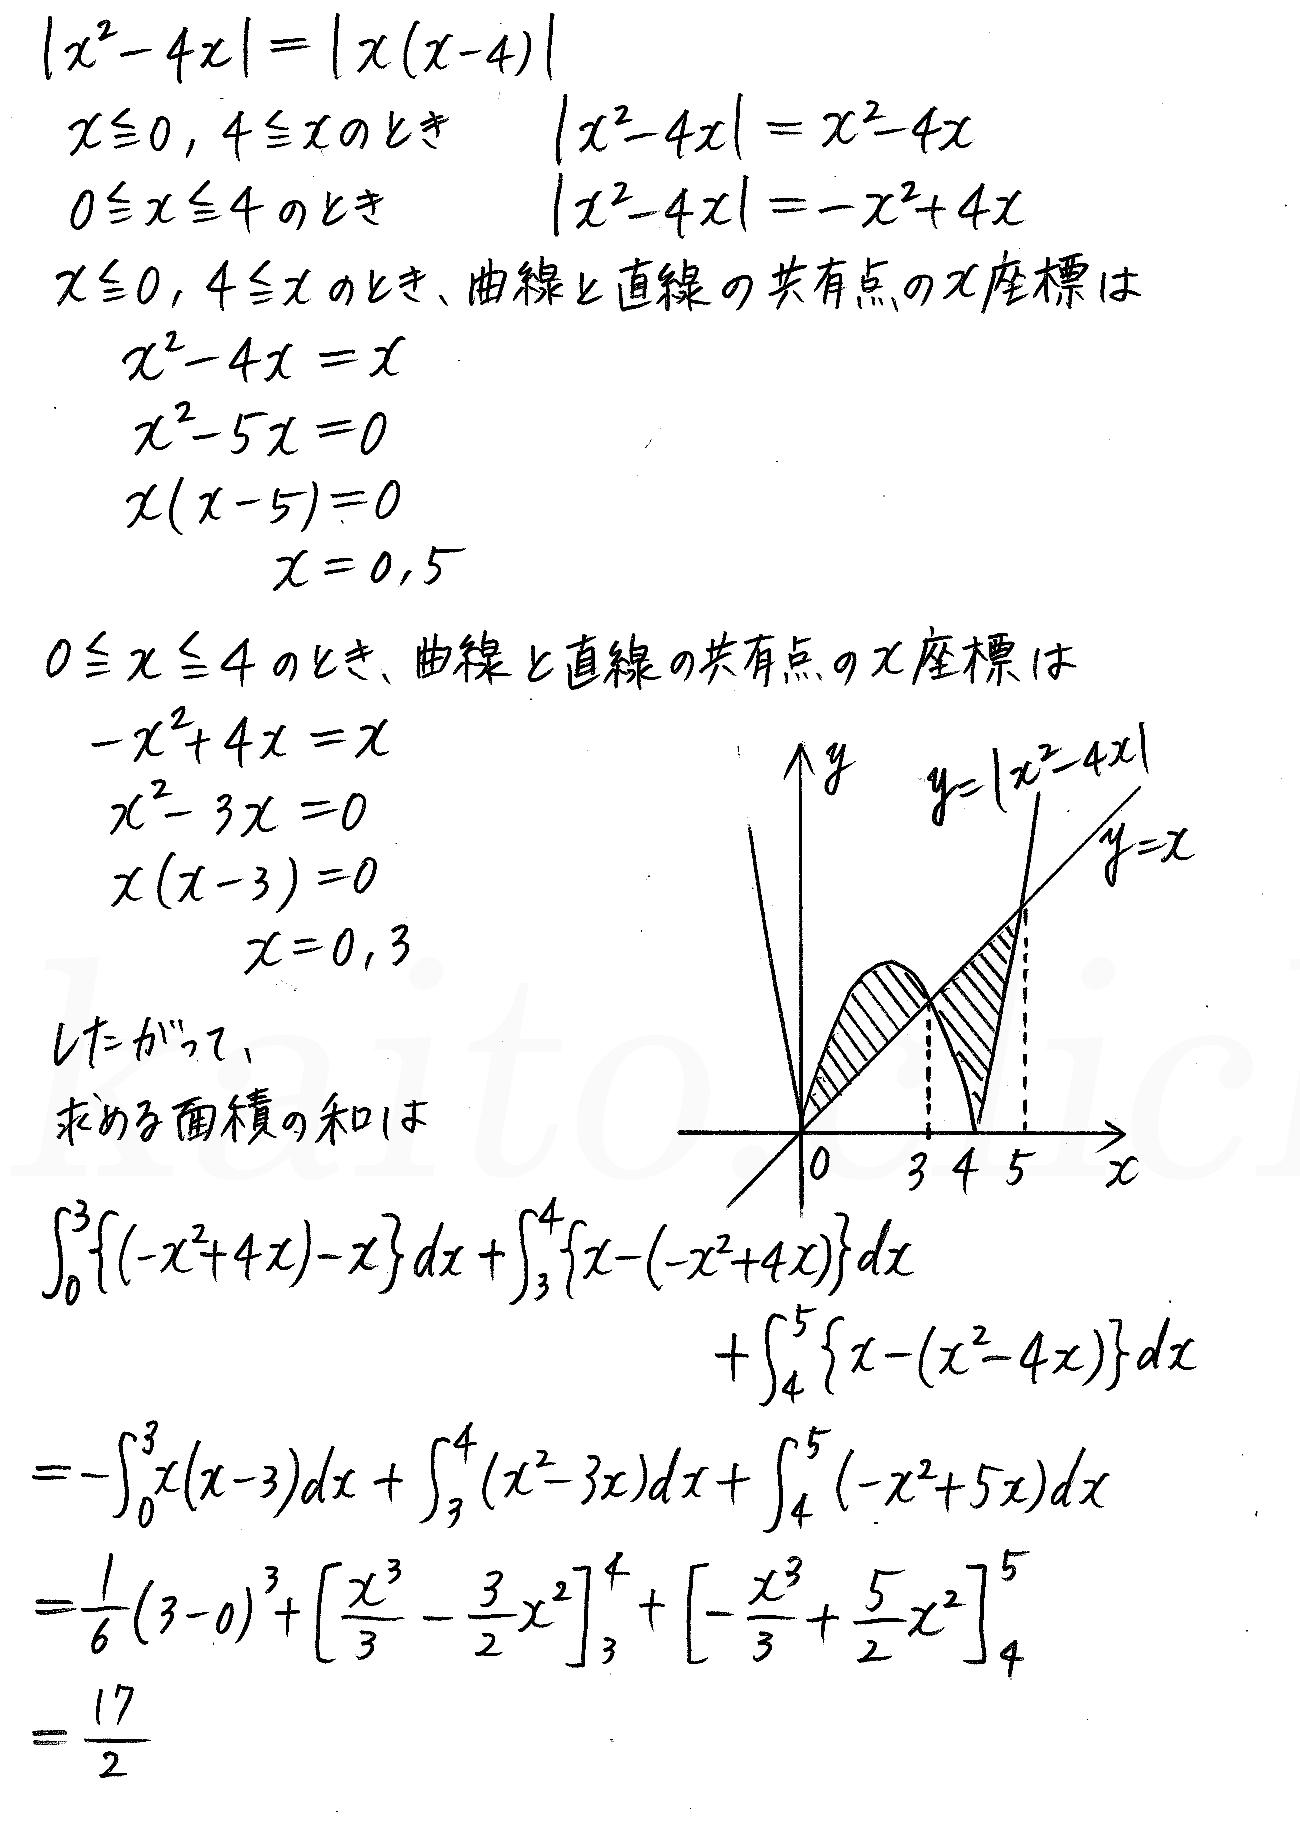 クリアー数学2-496解答